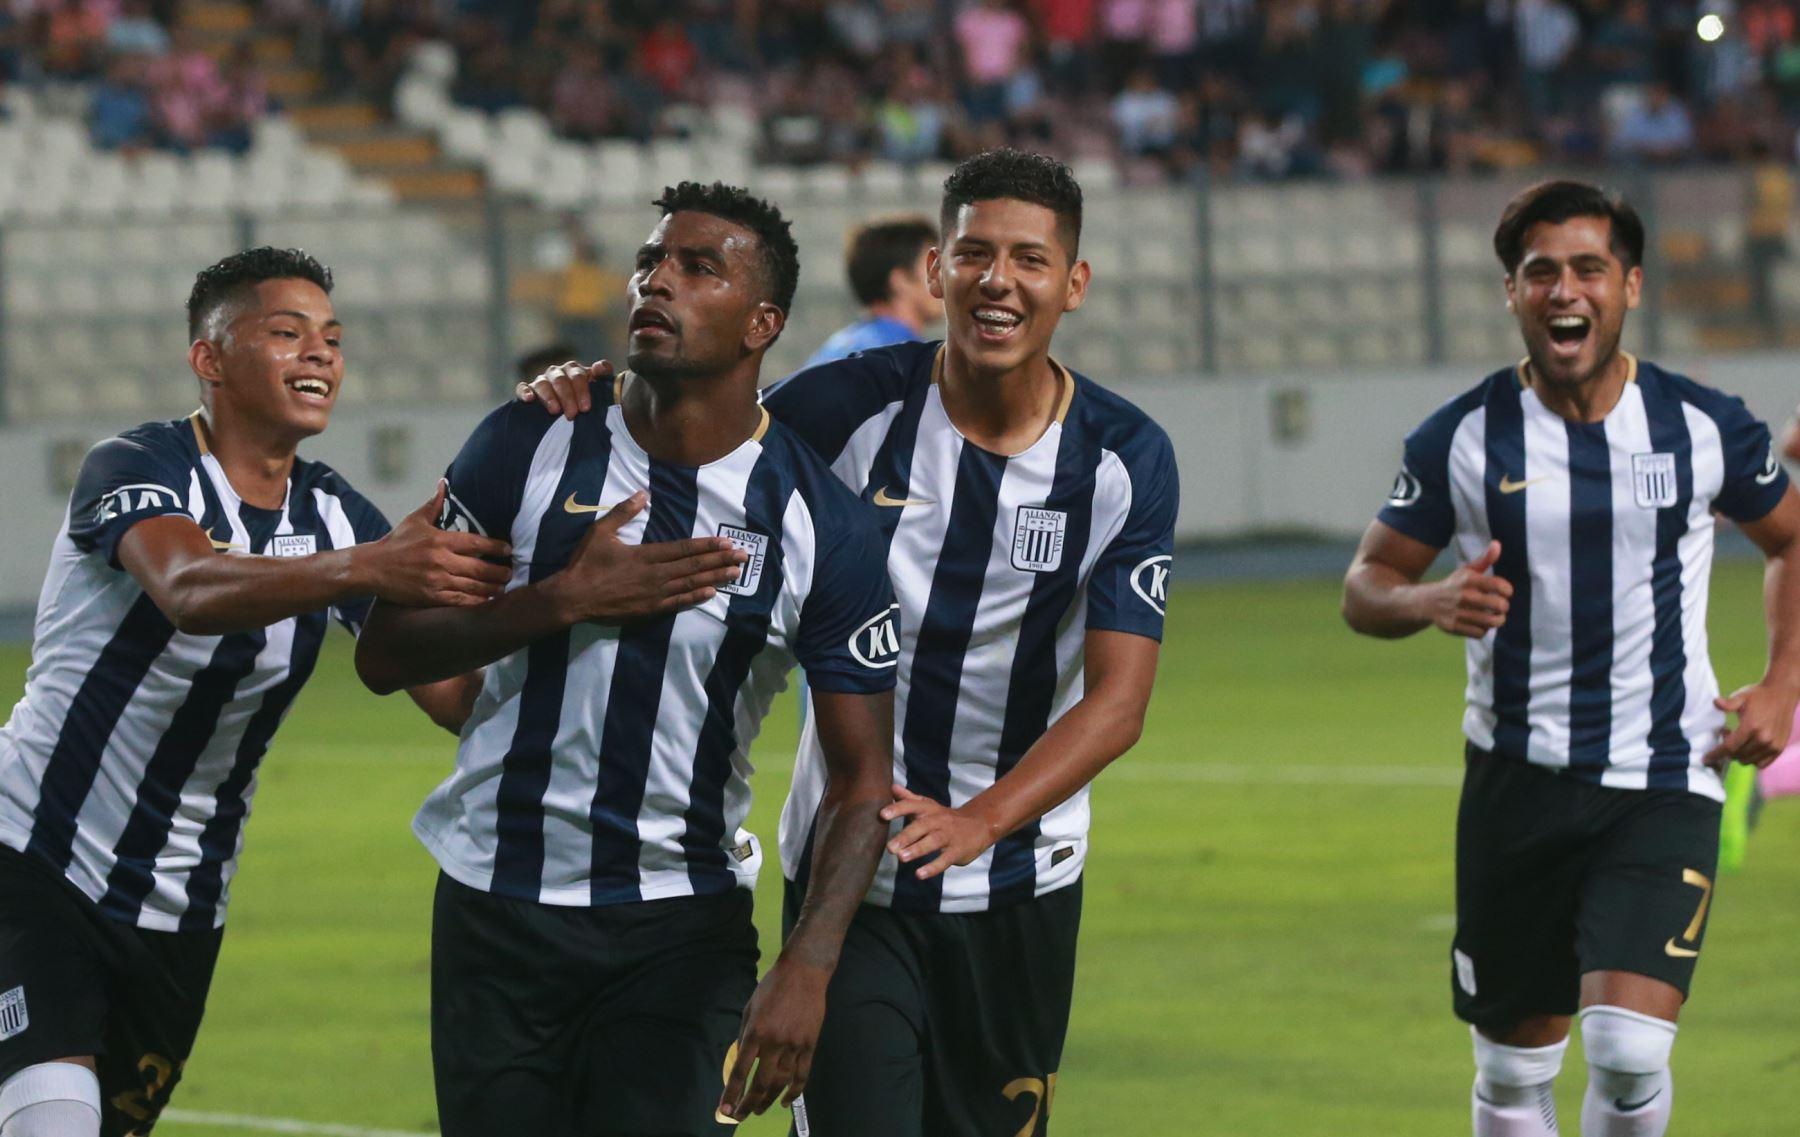 Alianza y Boys se enfrentan hoy por la Supercopa